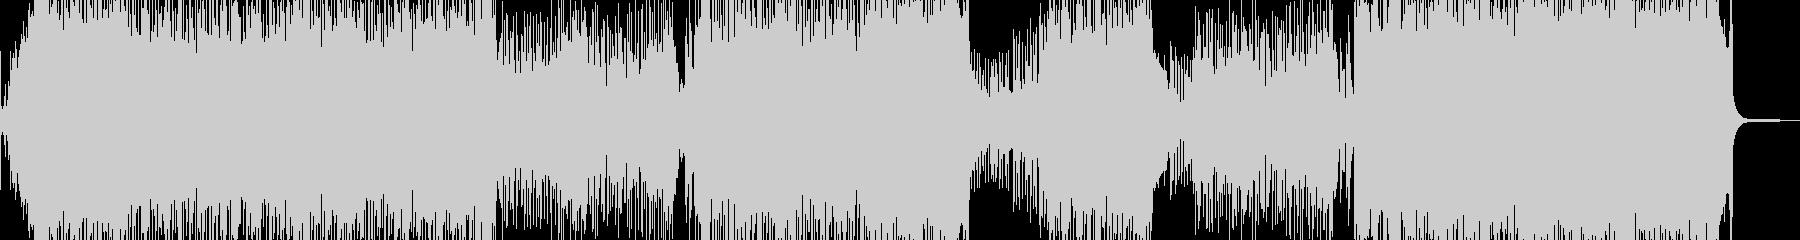 琴・尺八・全速力な演歌調ロック S2の未再生の波形